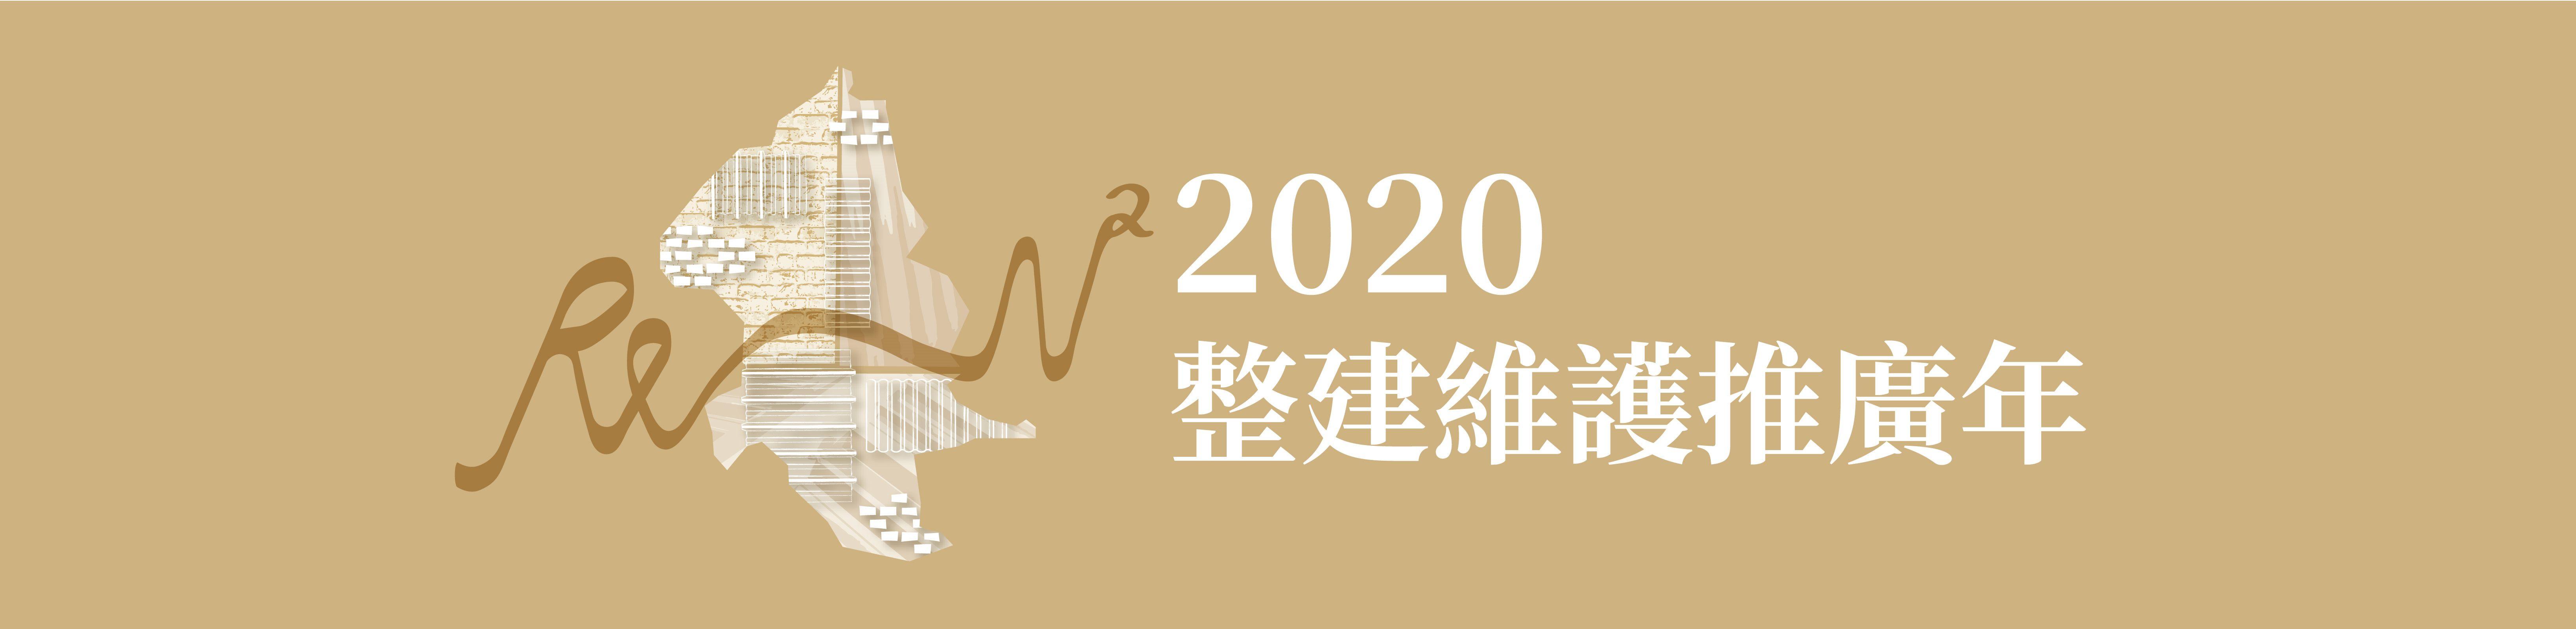 2020 整建維護推廣年活動專區